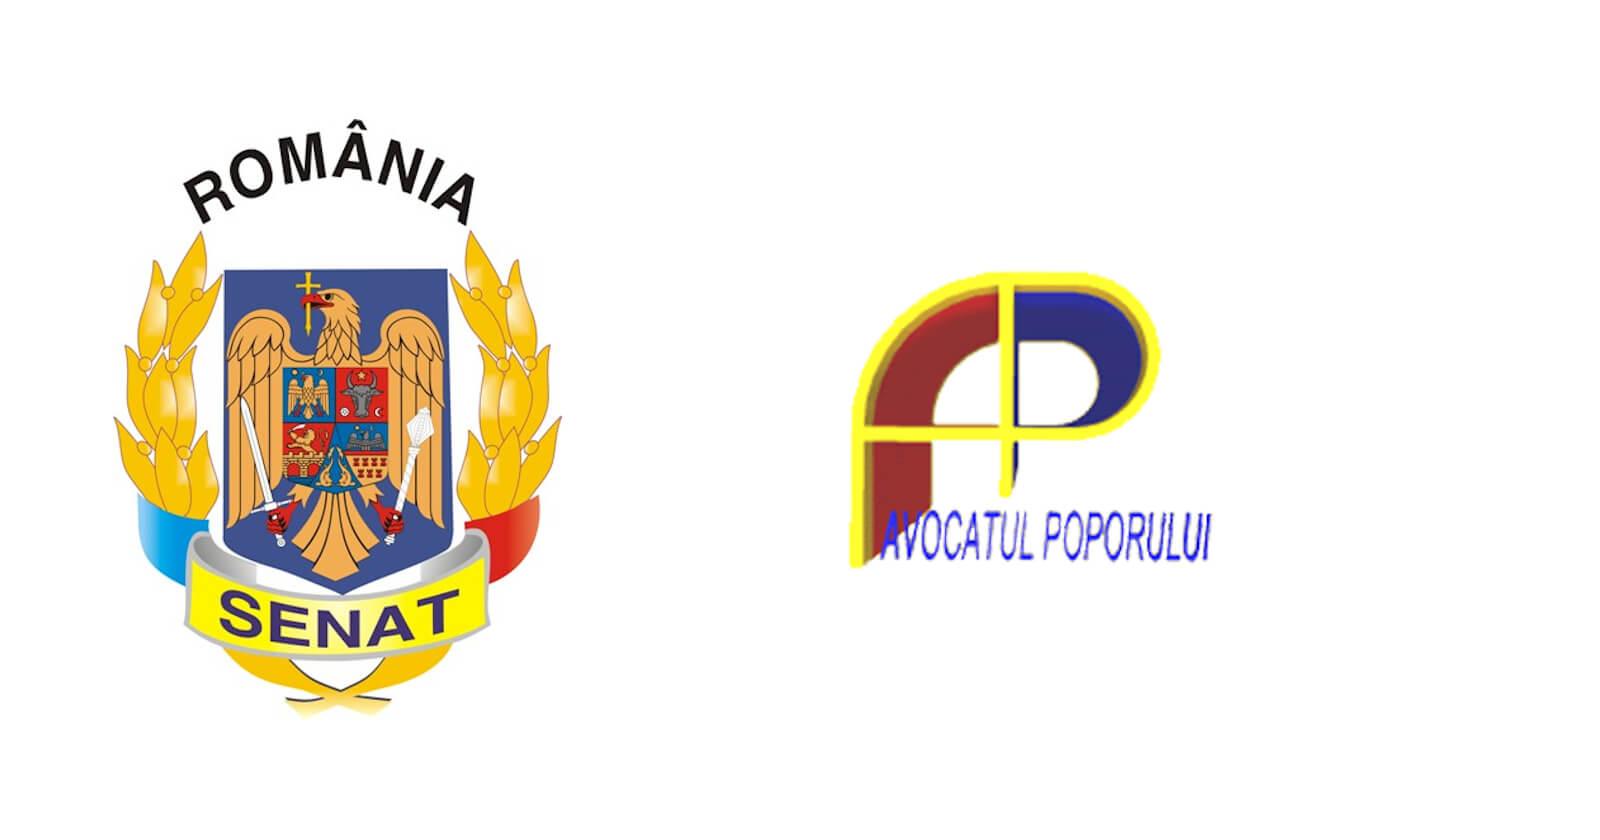 https://ziarul.romania-rationala.ro/control/articole/articole/senatul-romaniei-avocatul-poporului.jpg